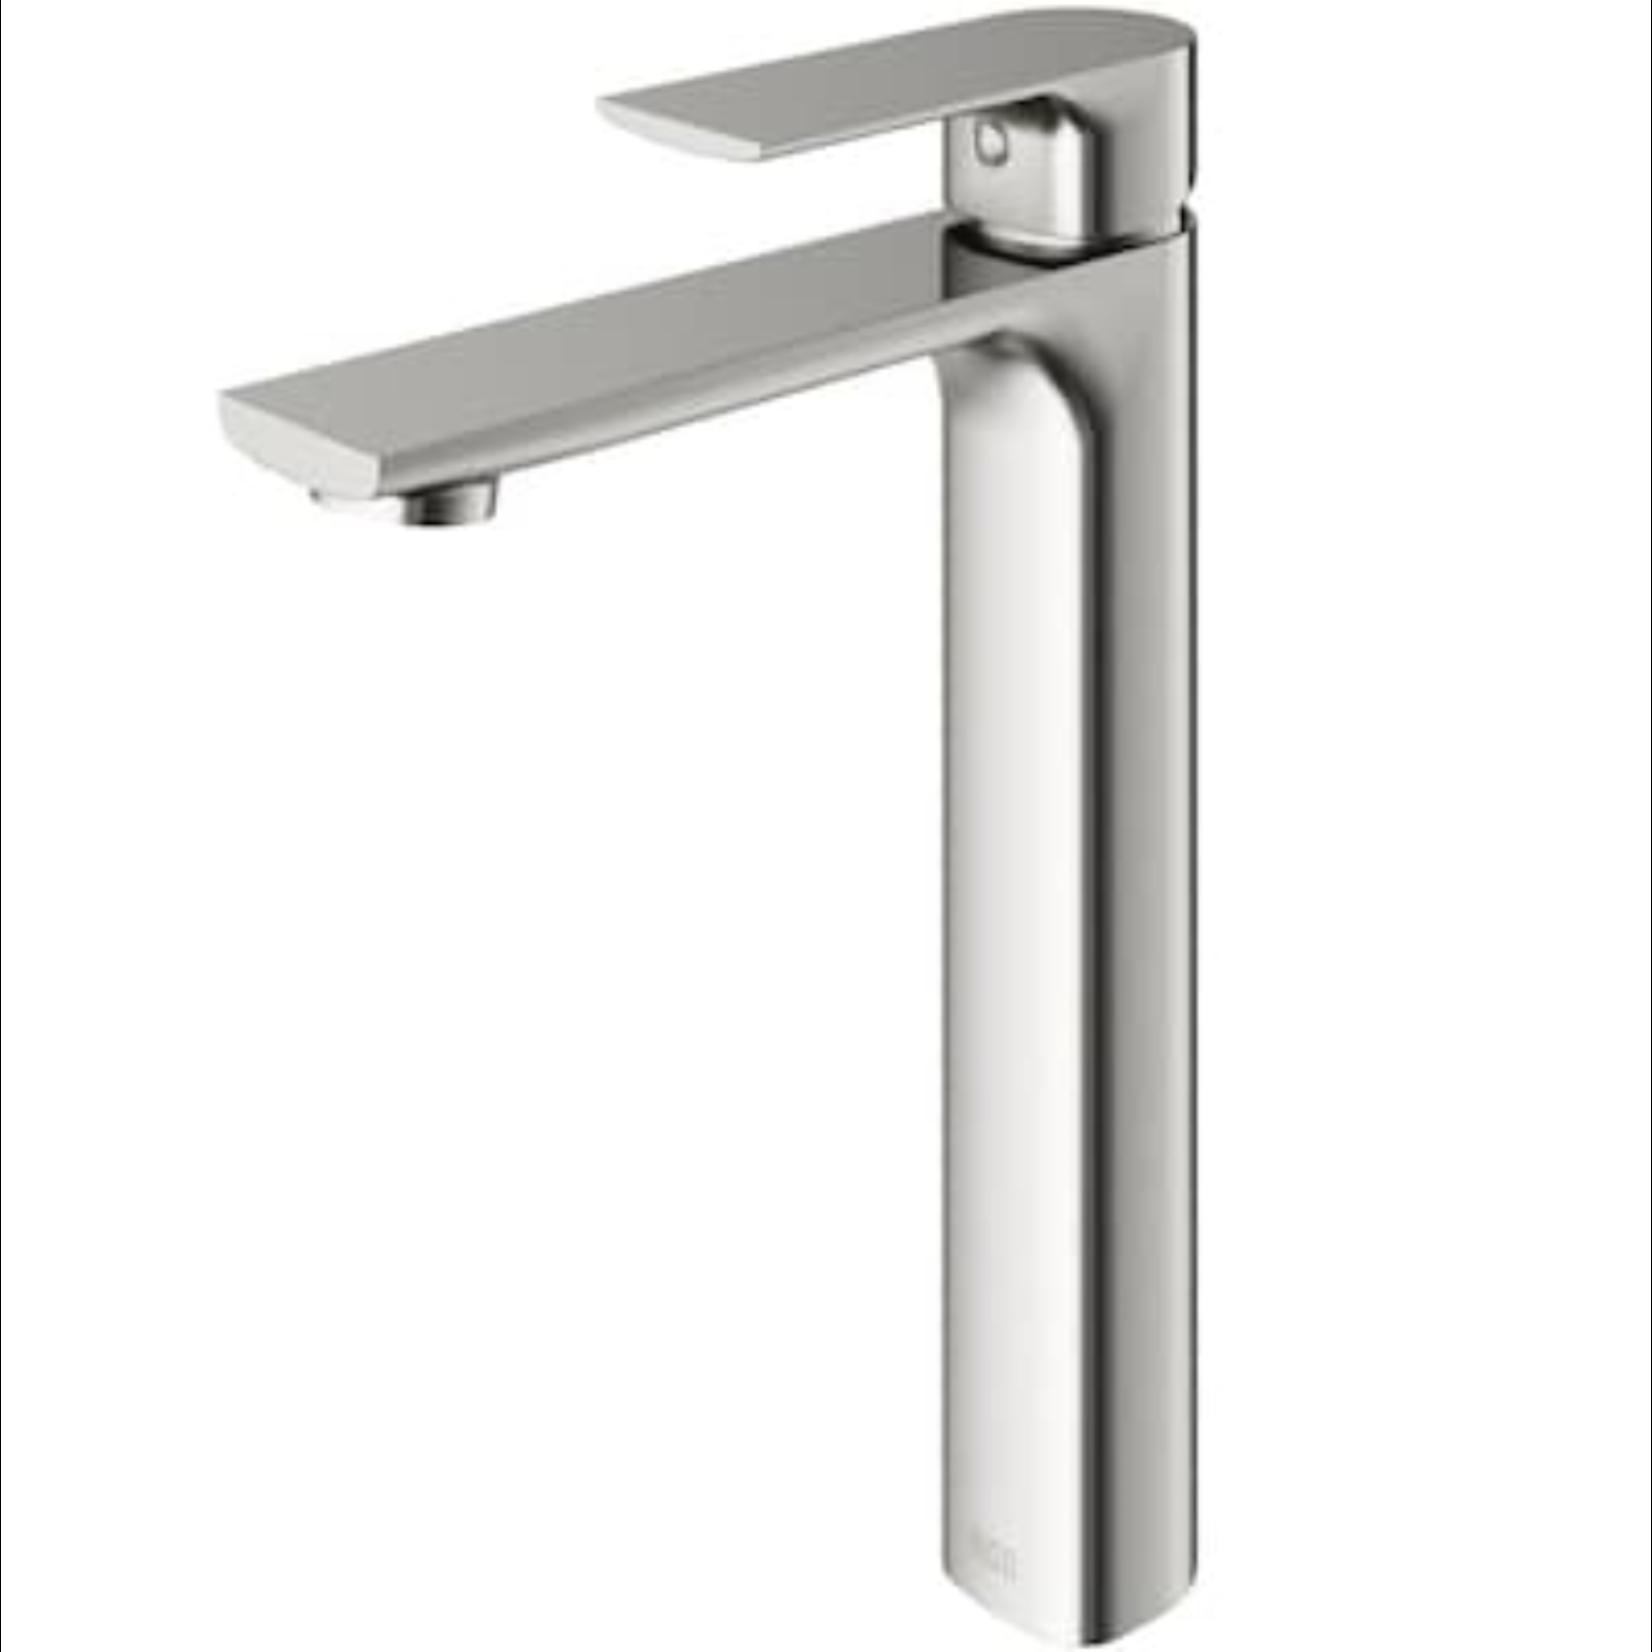 10167 VIGO Norfolk Brushed Nickel 1-Handle Vessel Bathroom Sink Faucet